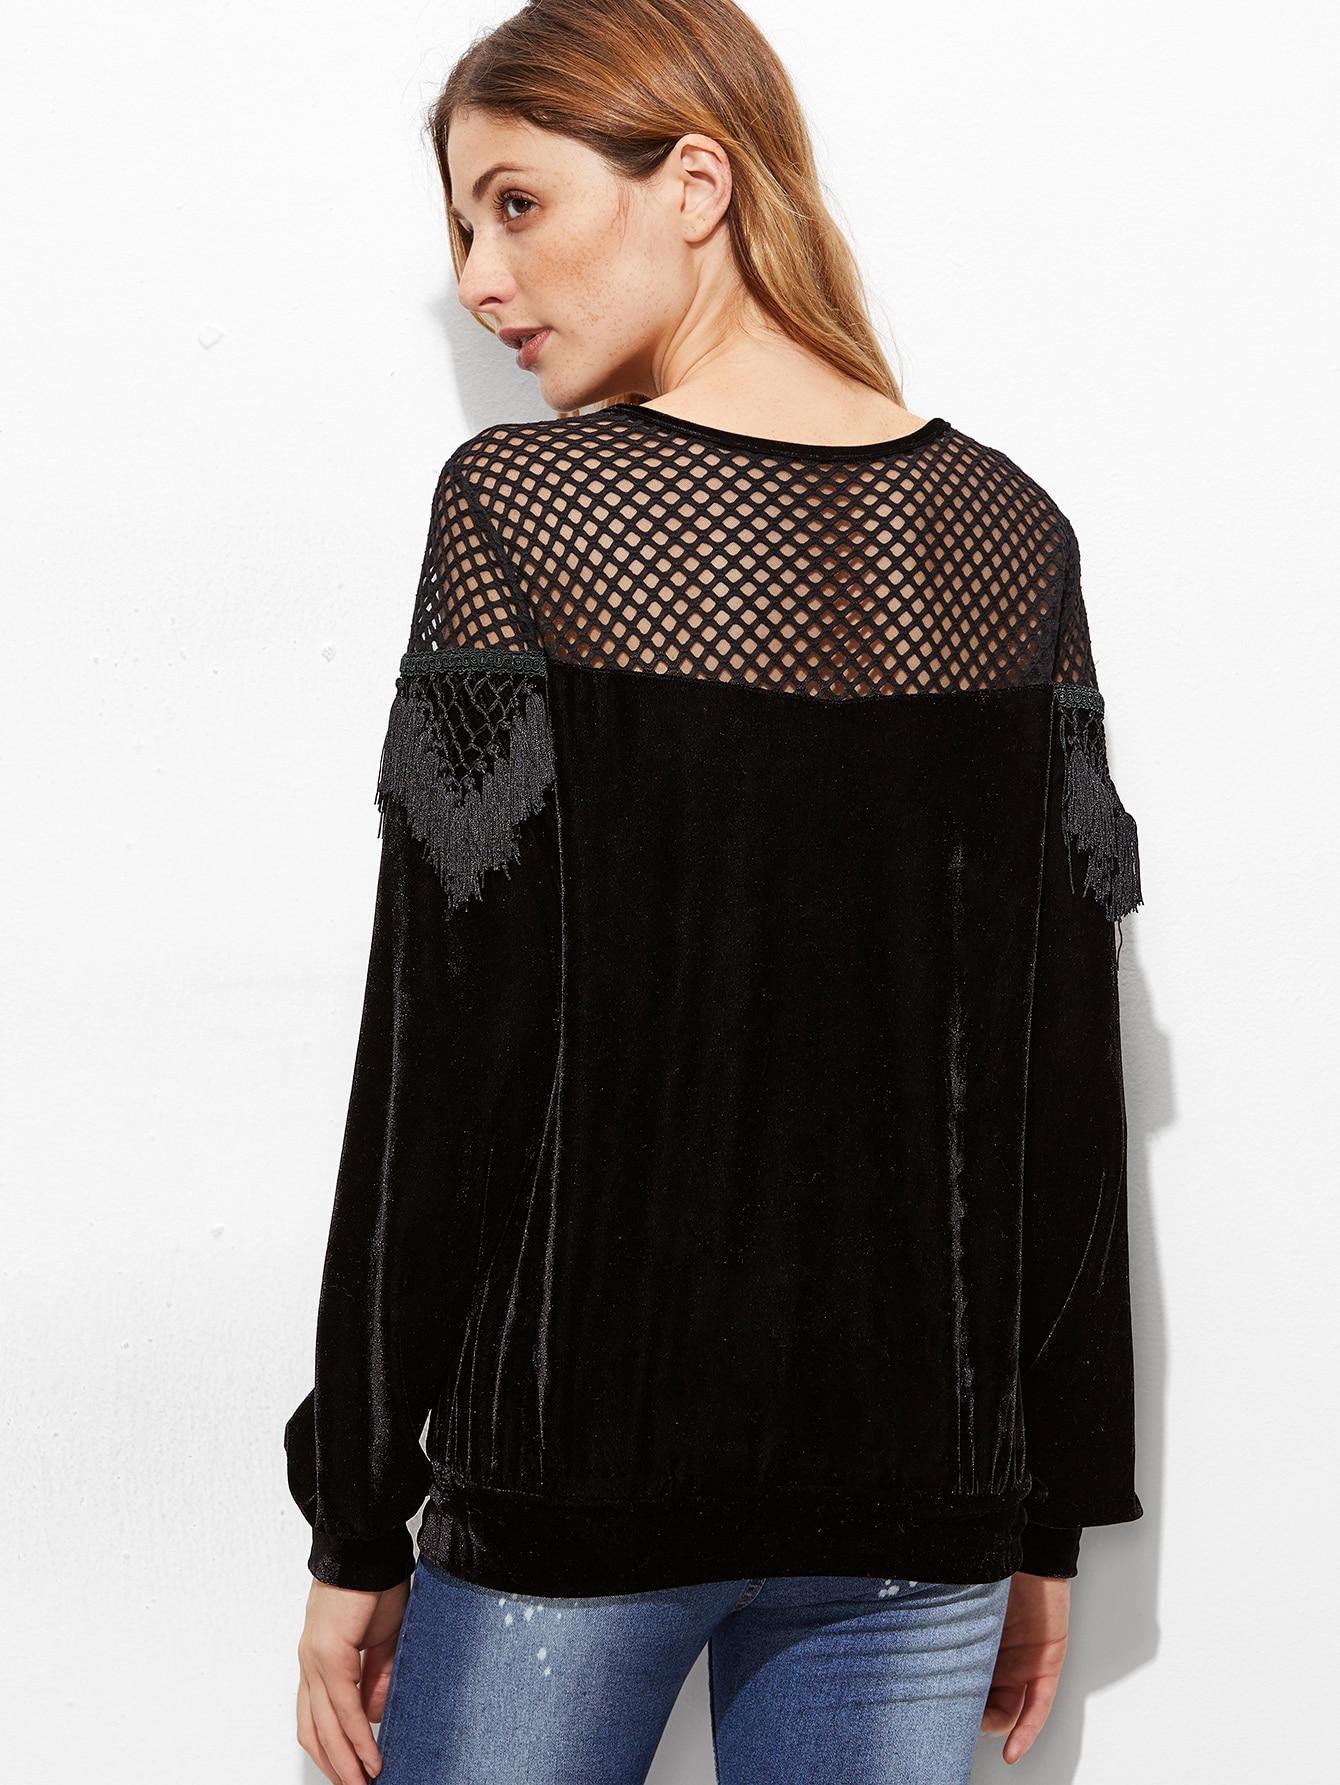 sweatshirt161102701_2